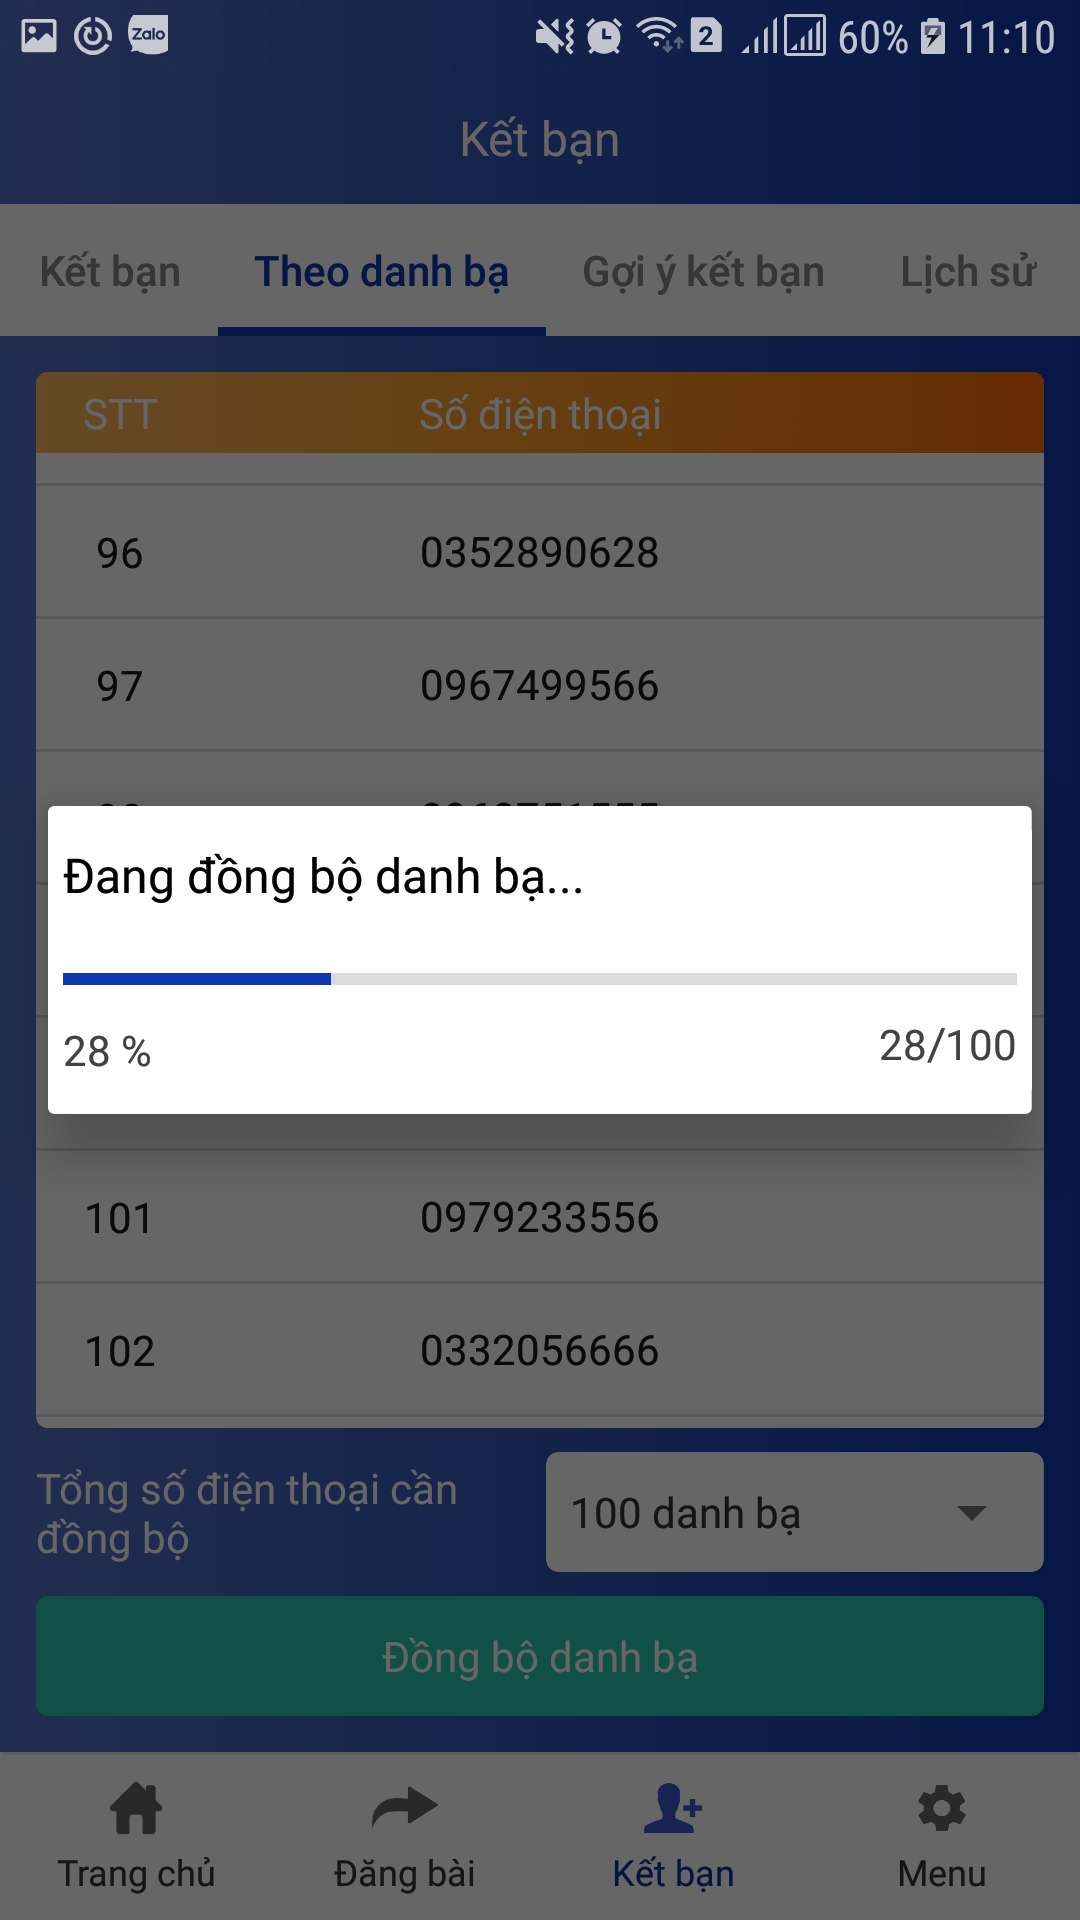 724b78e65368a936f079 Hướng dẫn sao chép danh bạ với phần mềm đồng bộ số điện thoại Ninja Zalo V2